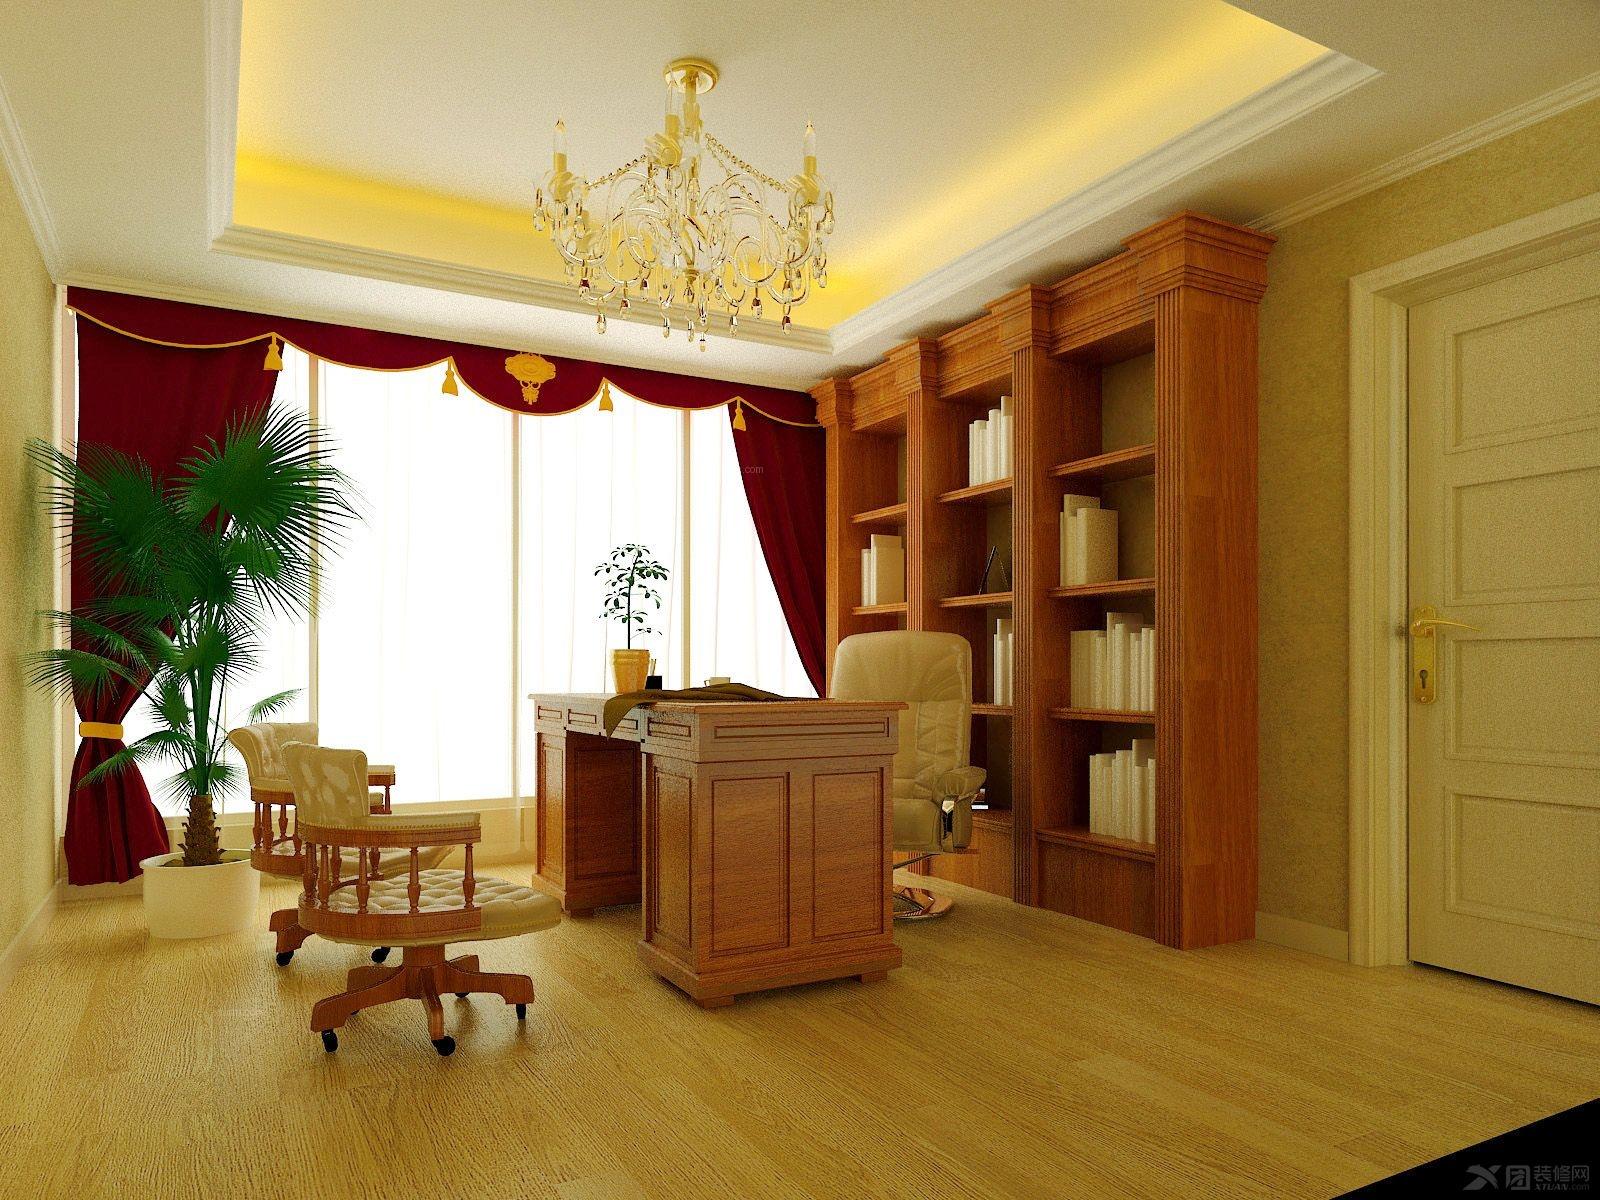 上书房经典黑白灰装修效果图 打造实用中式书房风格装修效果图 清新舒图片